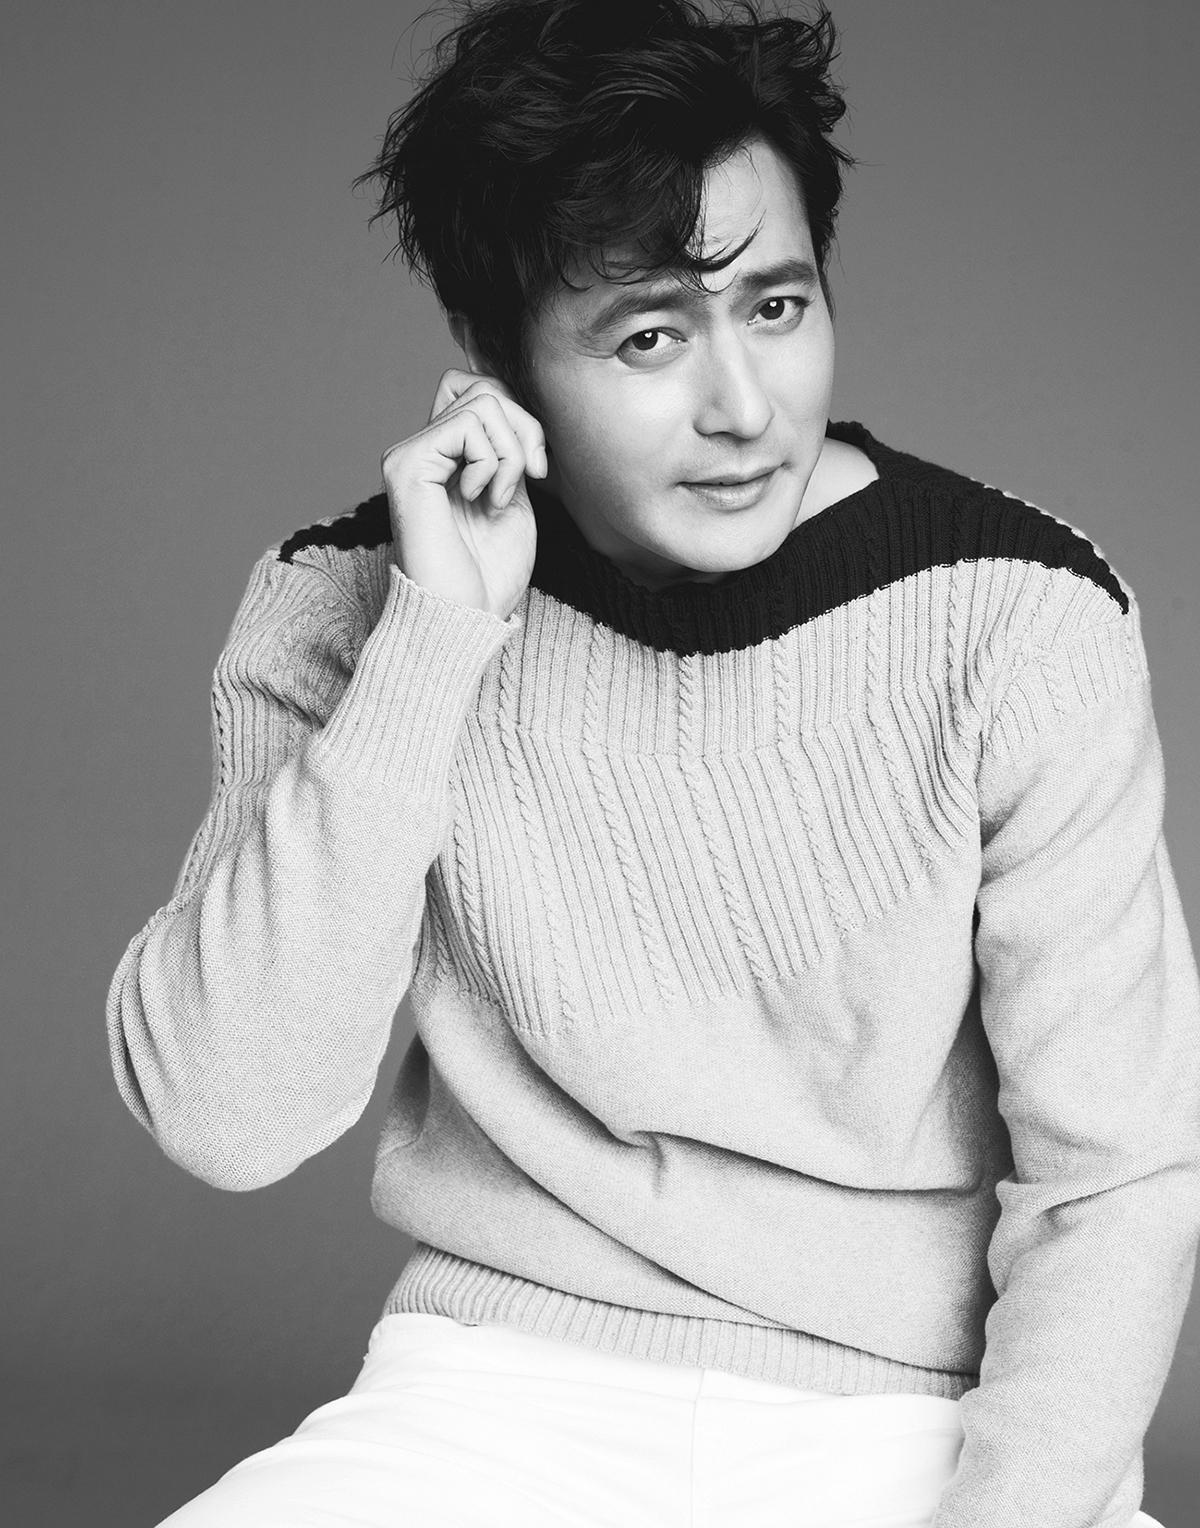 제22회 부산국제영화제 개막식 사회자에 배우 장동건, 김하늘 '영화제의 품격' 높인다!